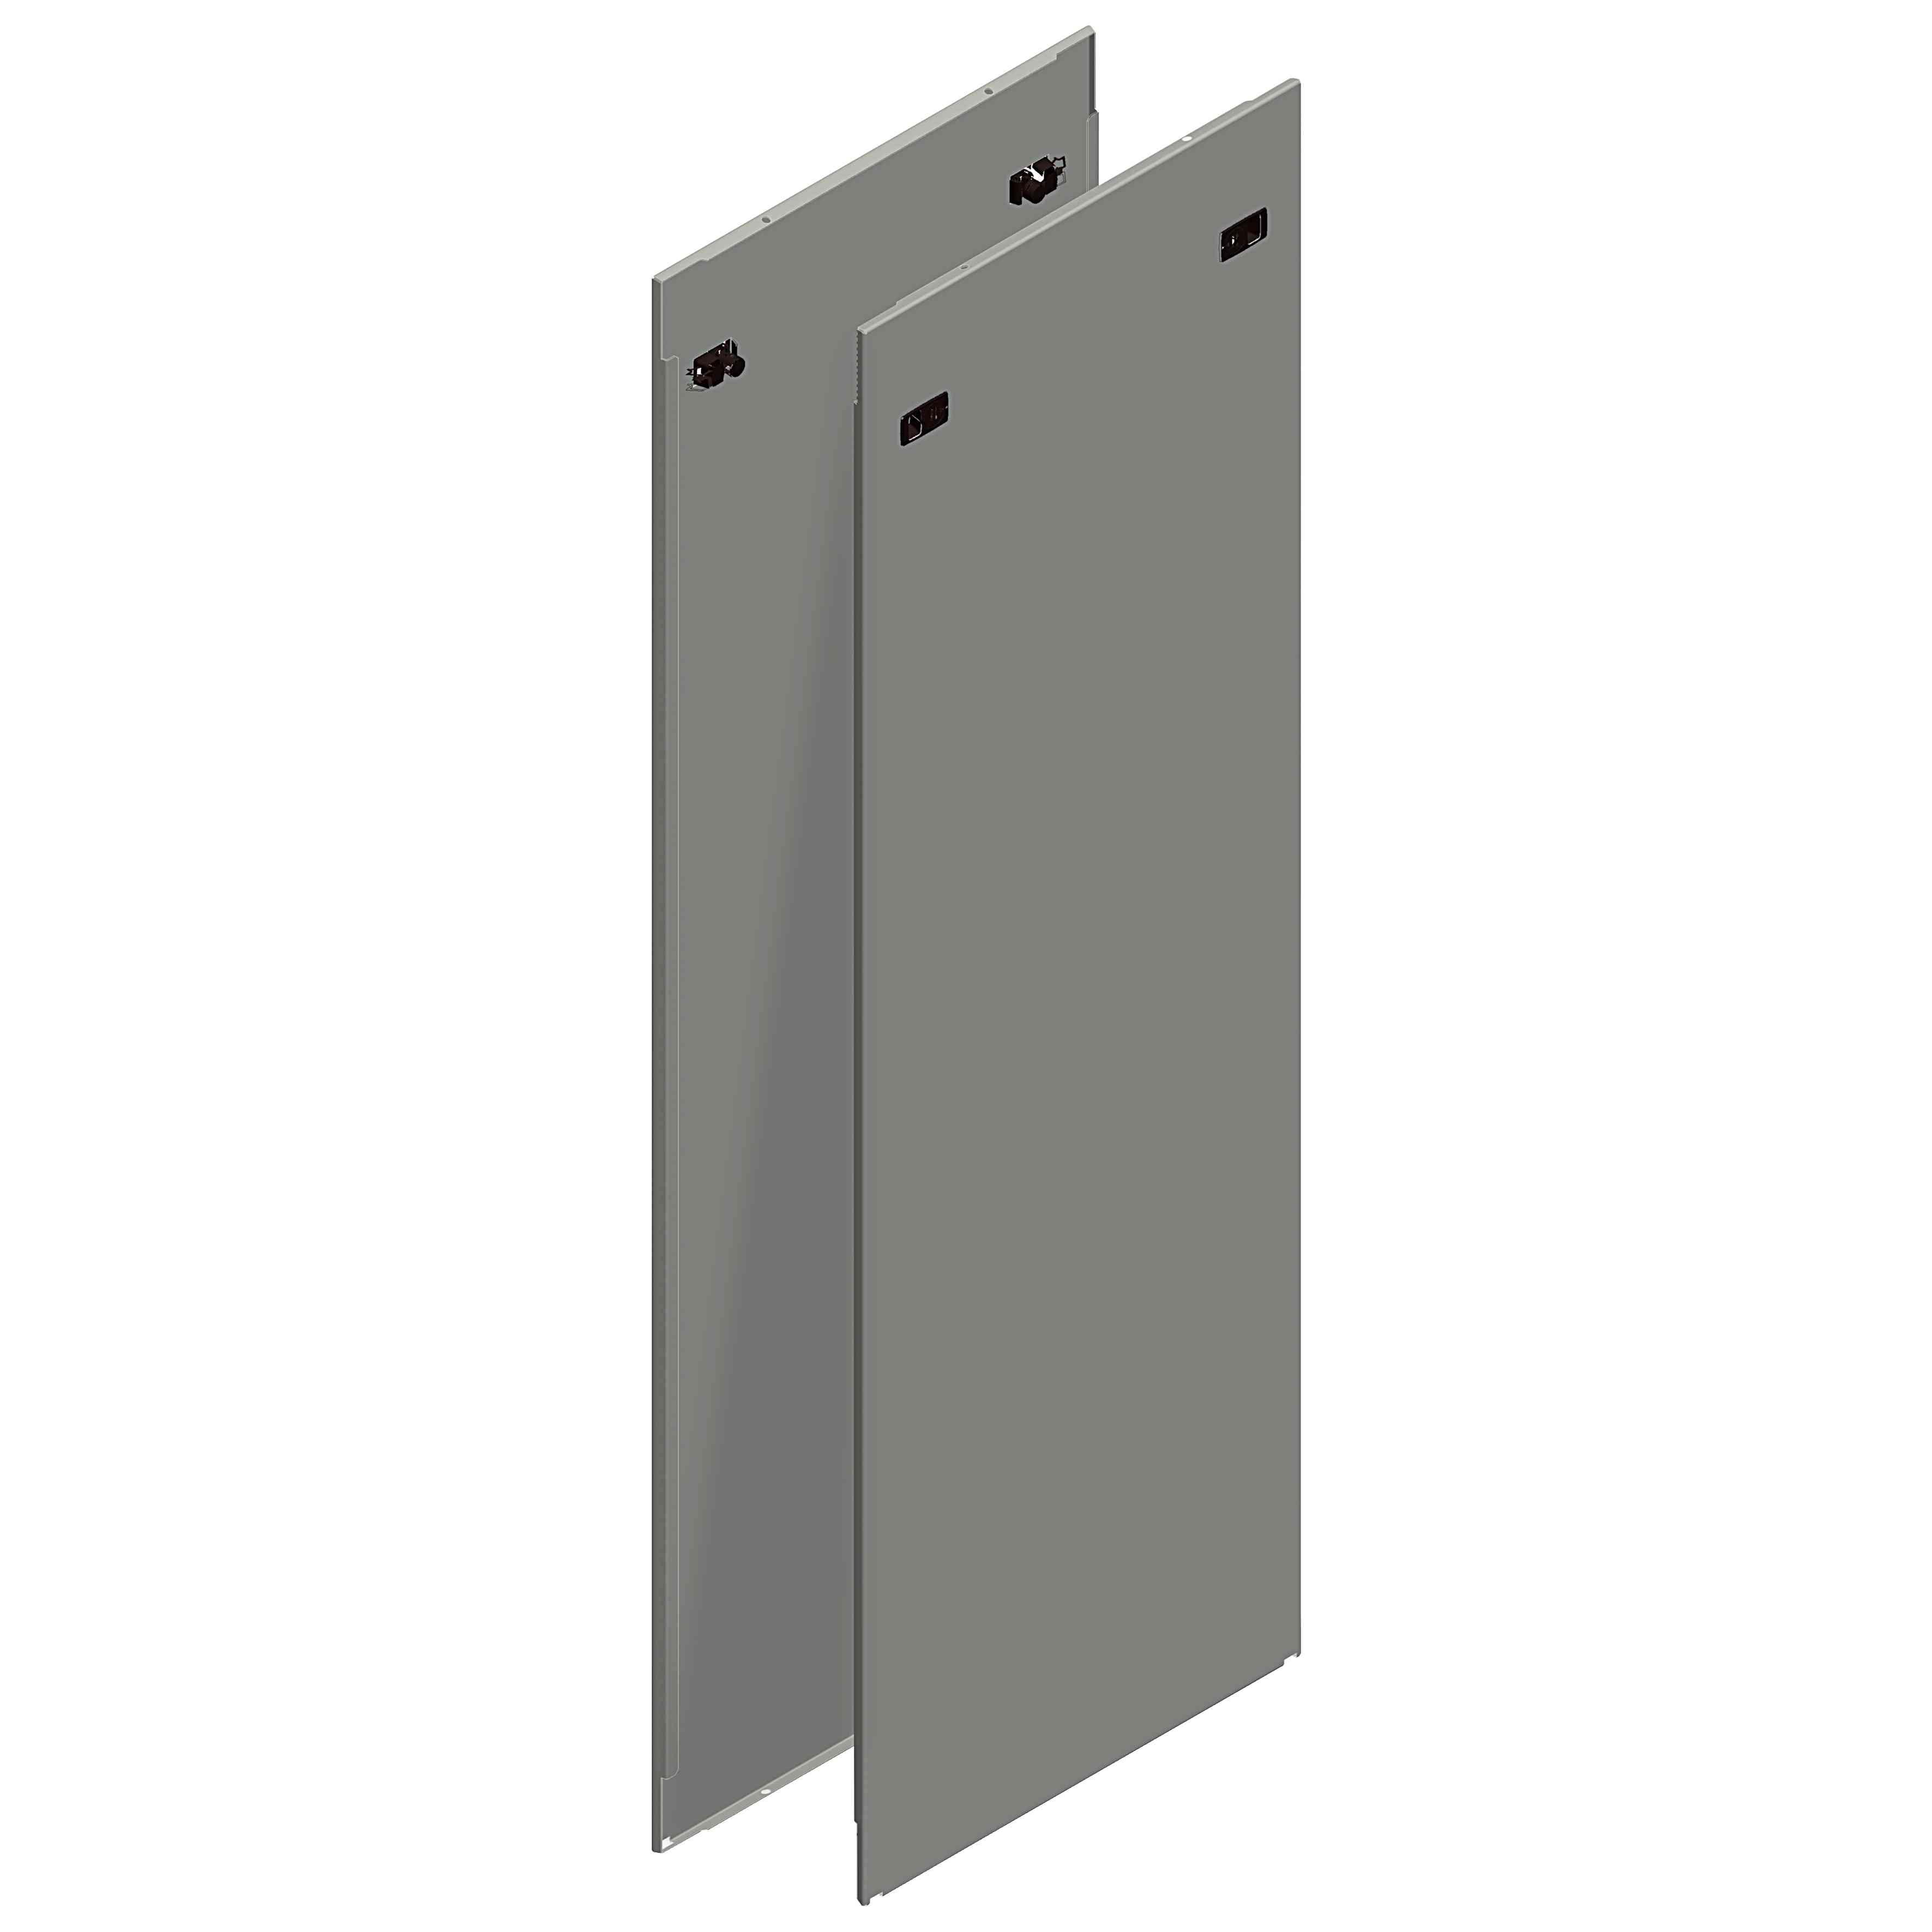 Stranske plošče Spacial SF za hitro pritrditev - 1800 x 600 mm